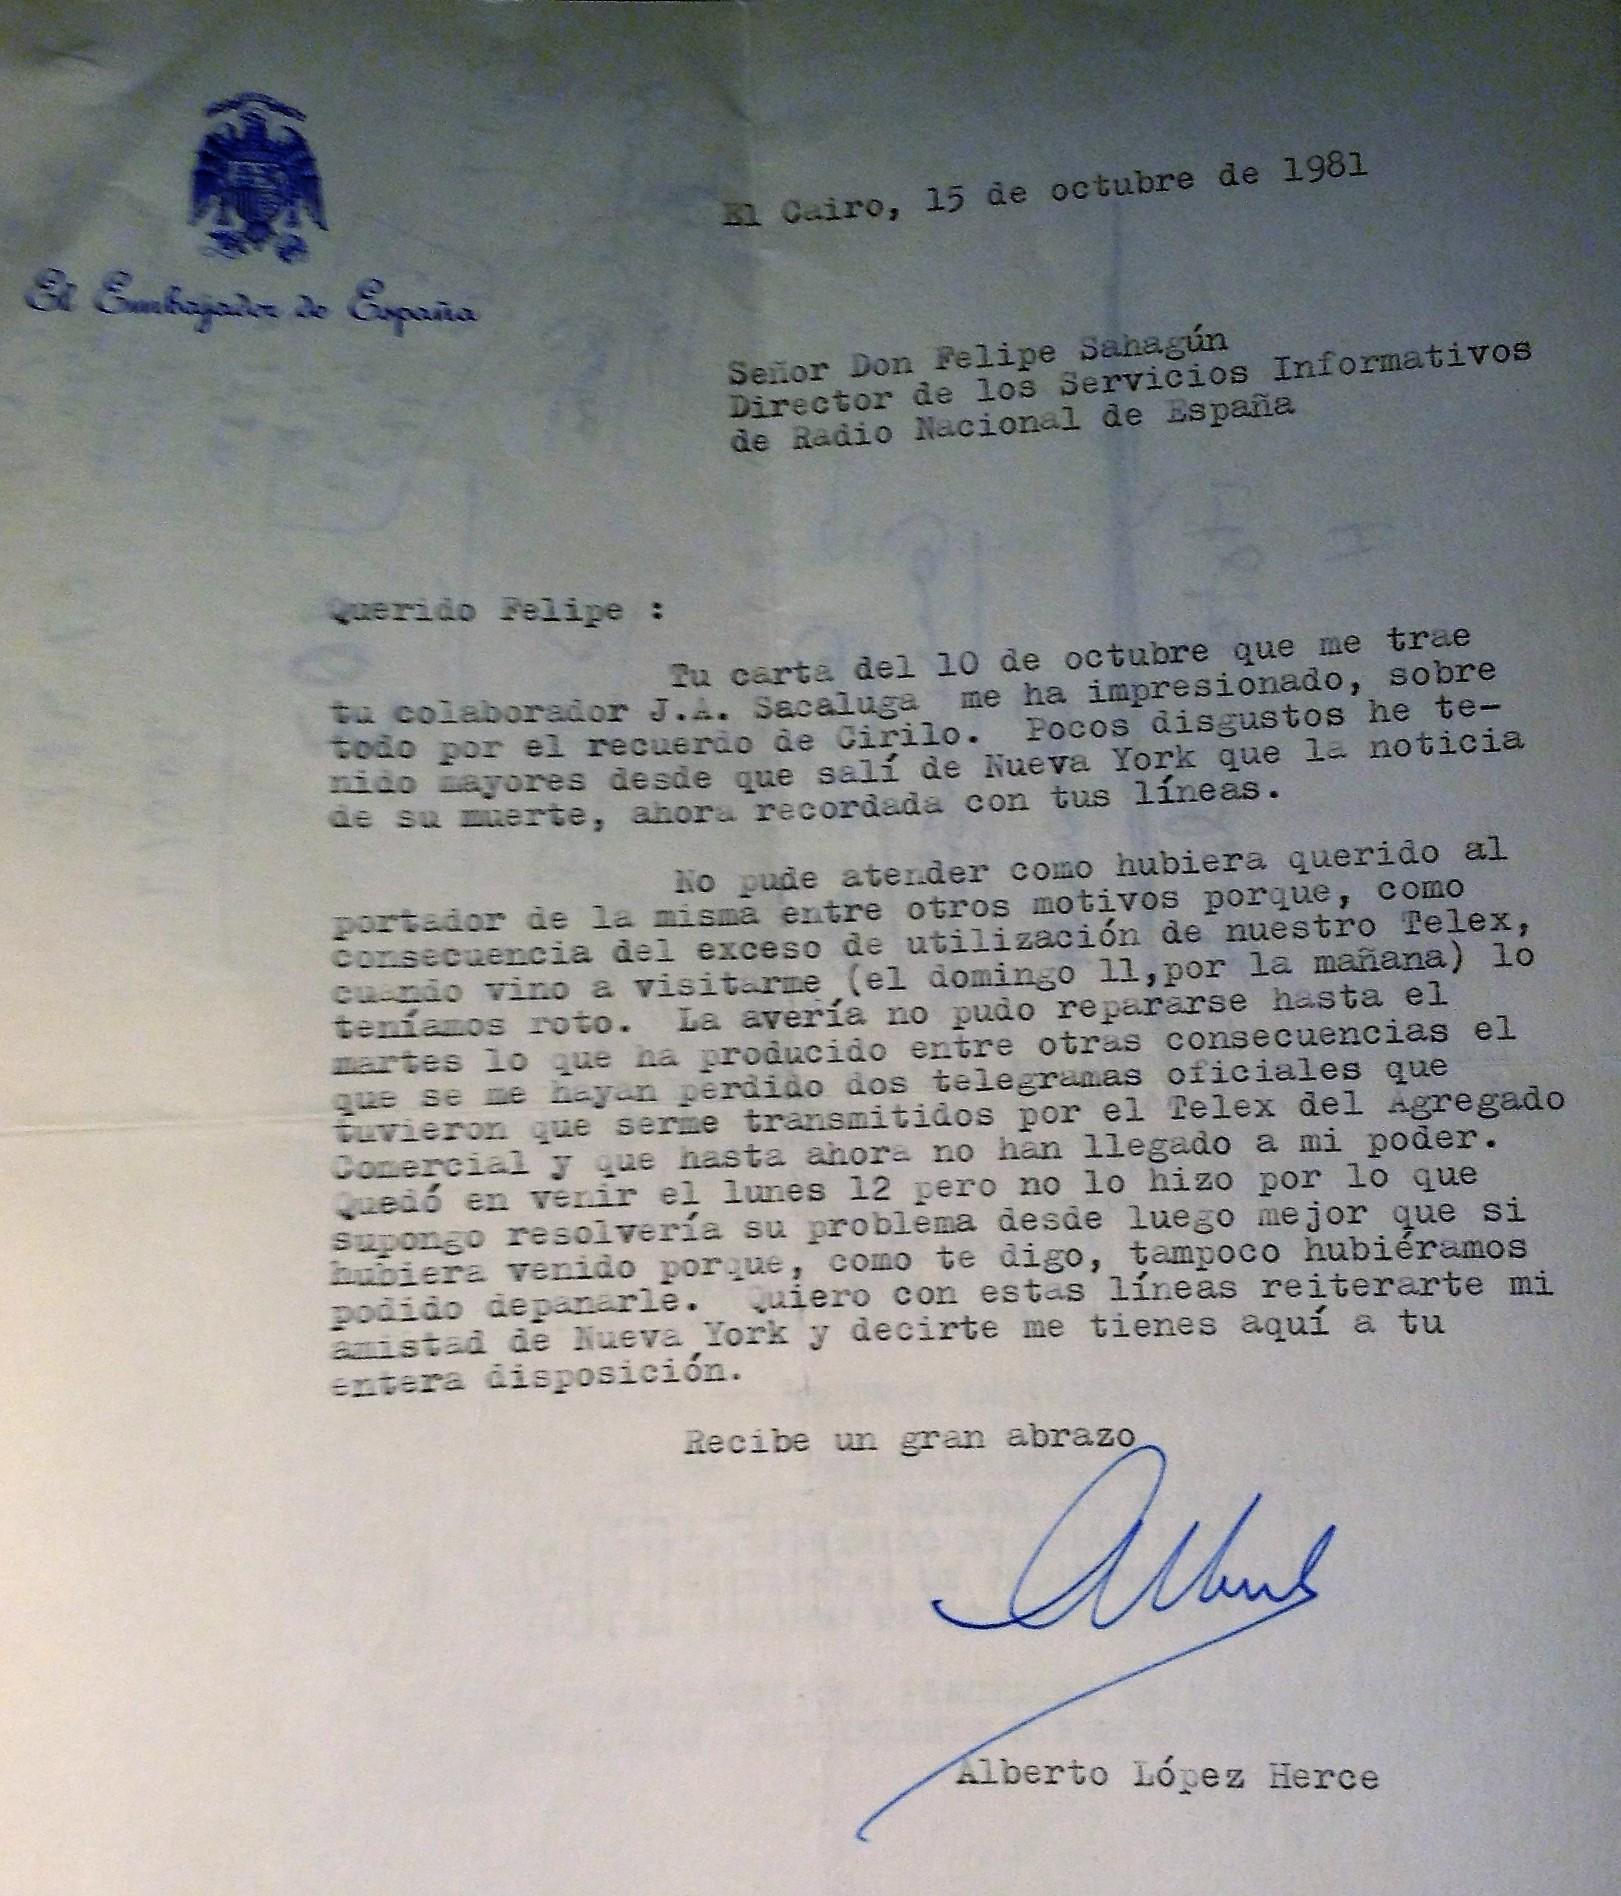 carta-del-embajador-alberto-lopez-herce